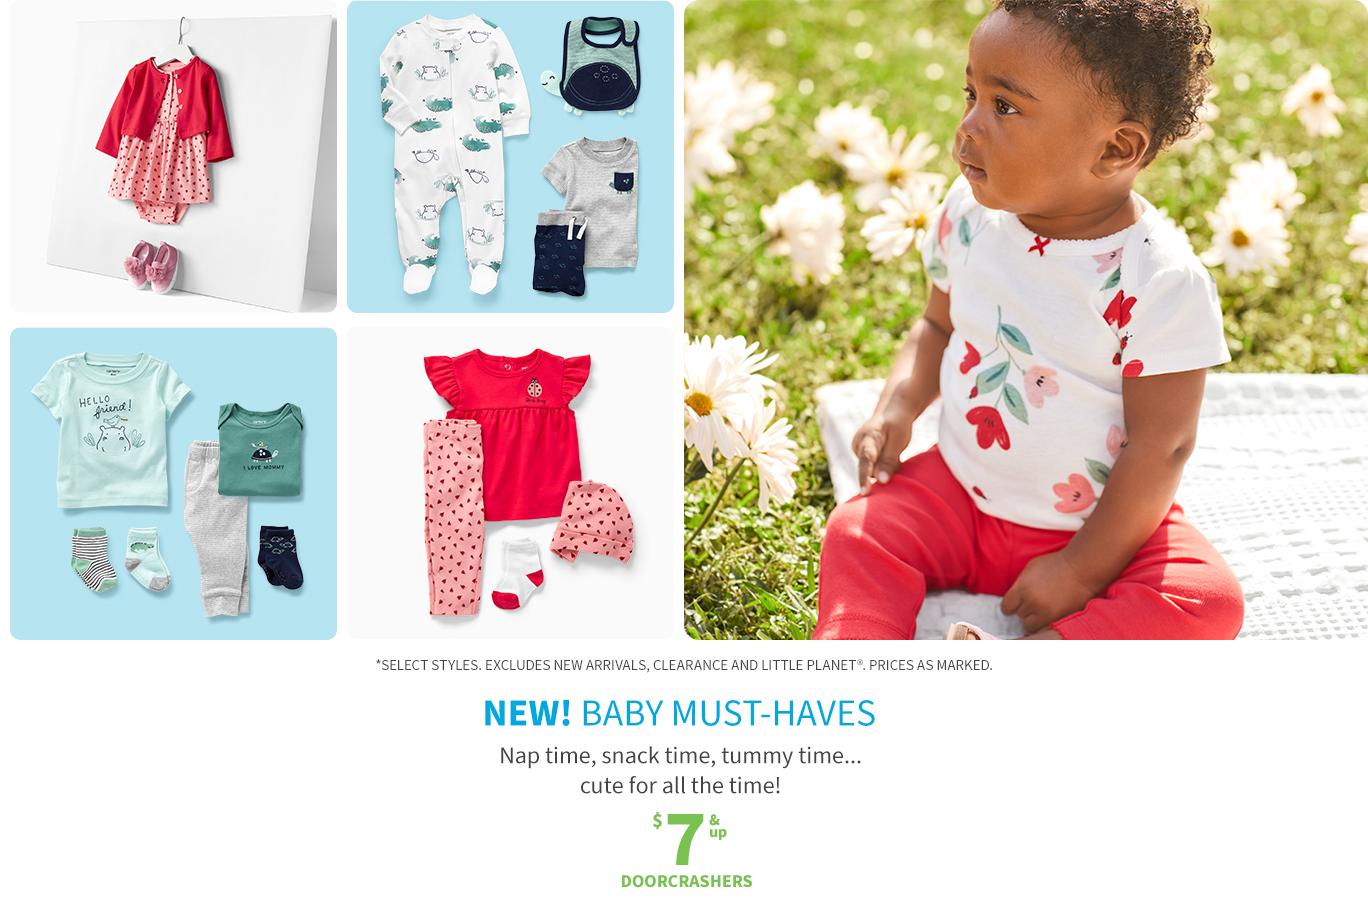 Baby must-haves | $7 & up doorcrachers